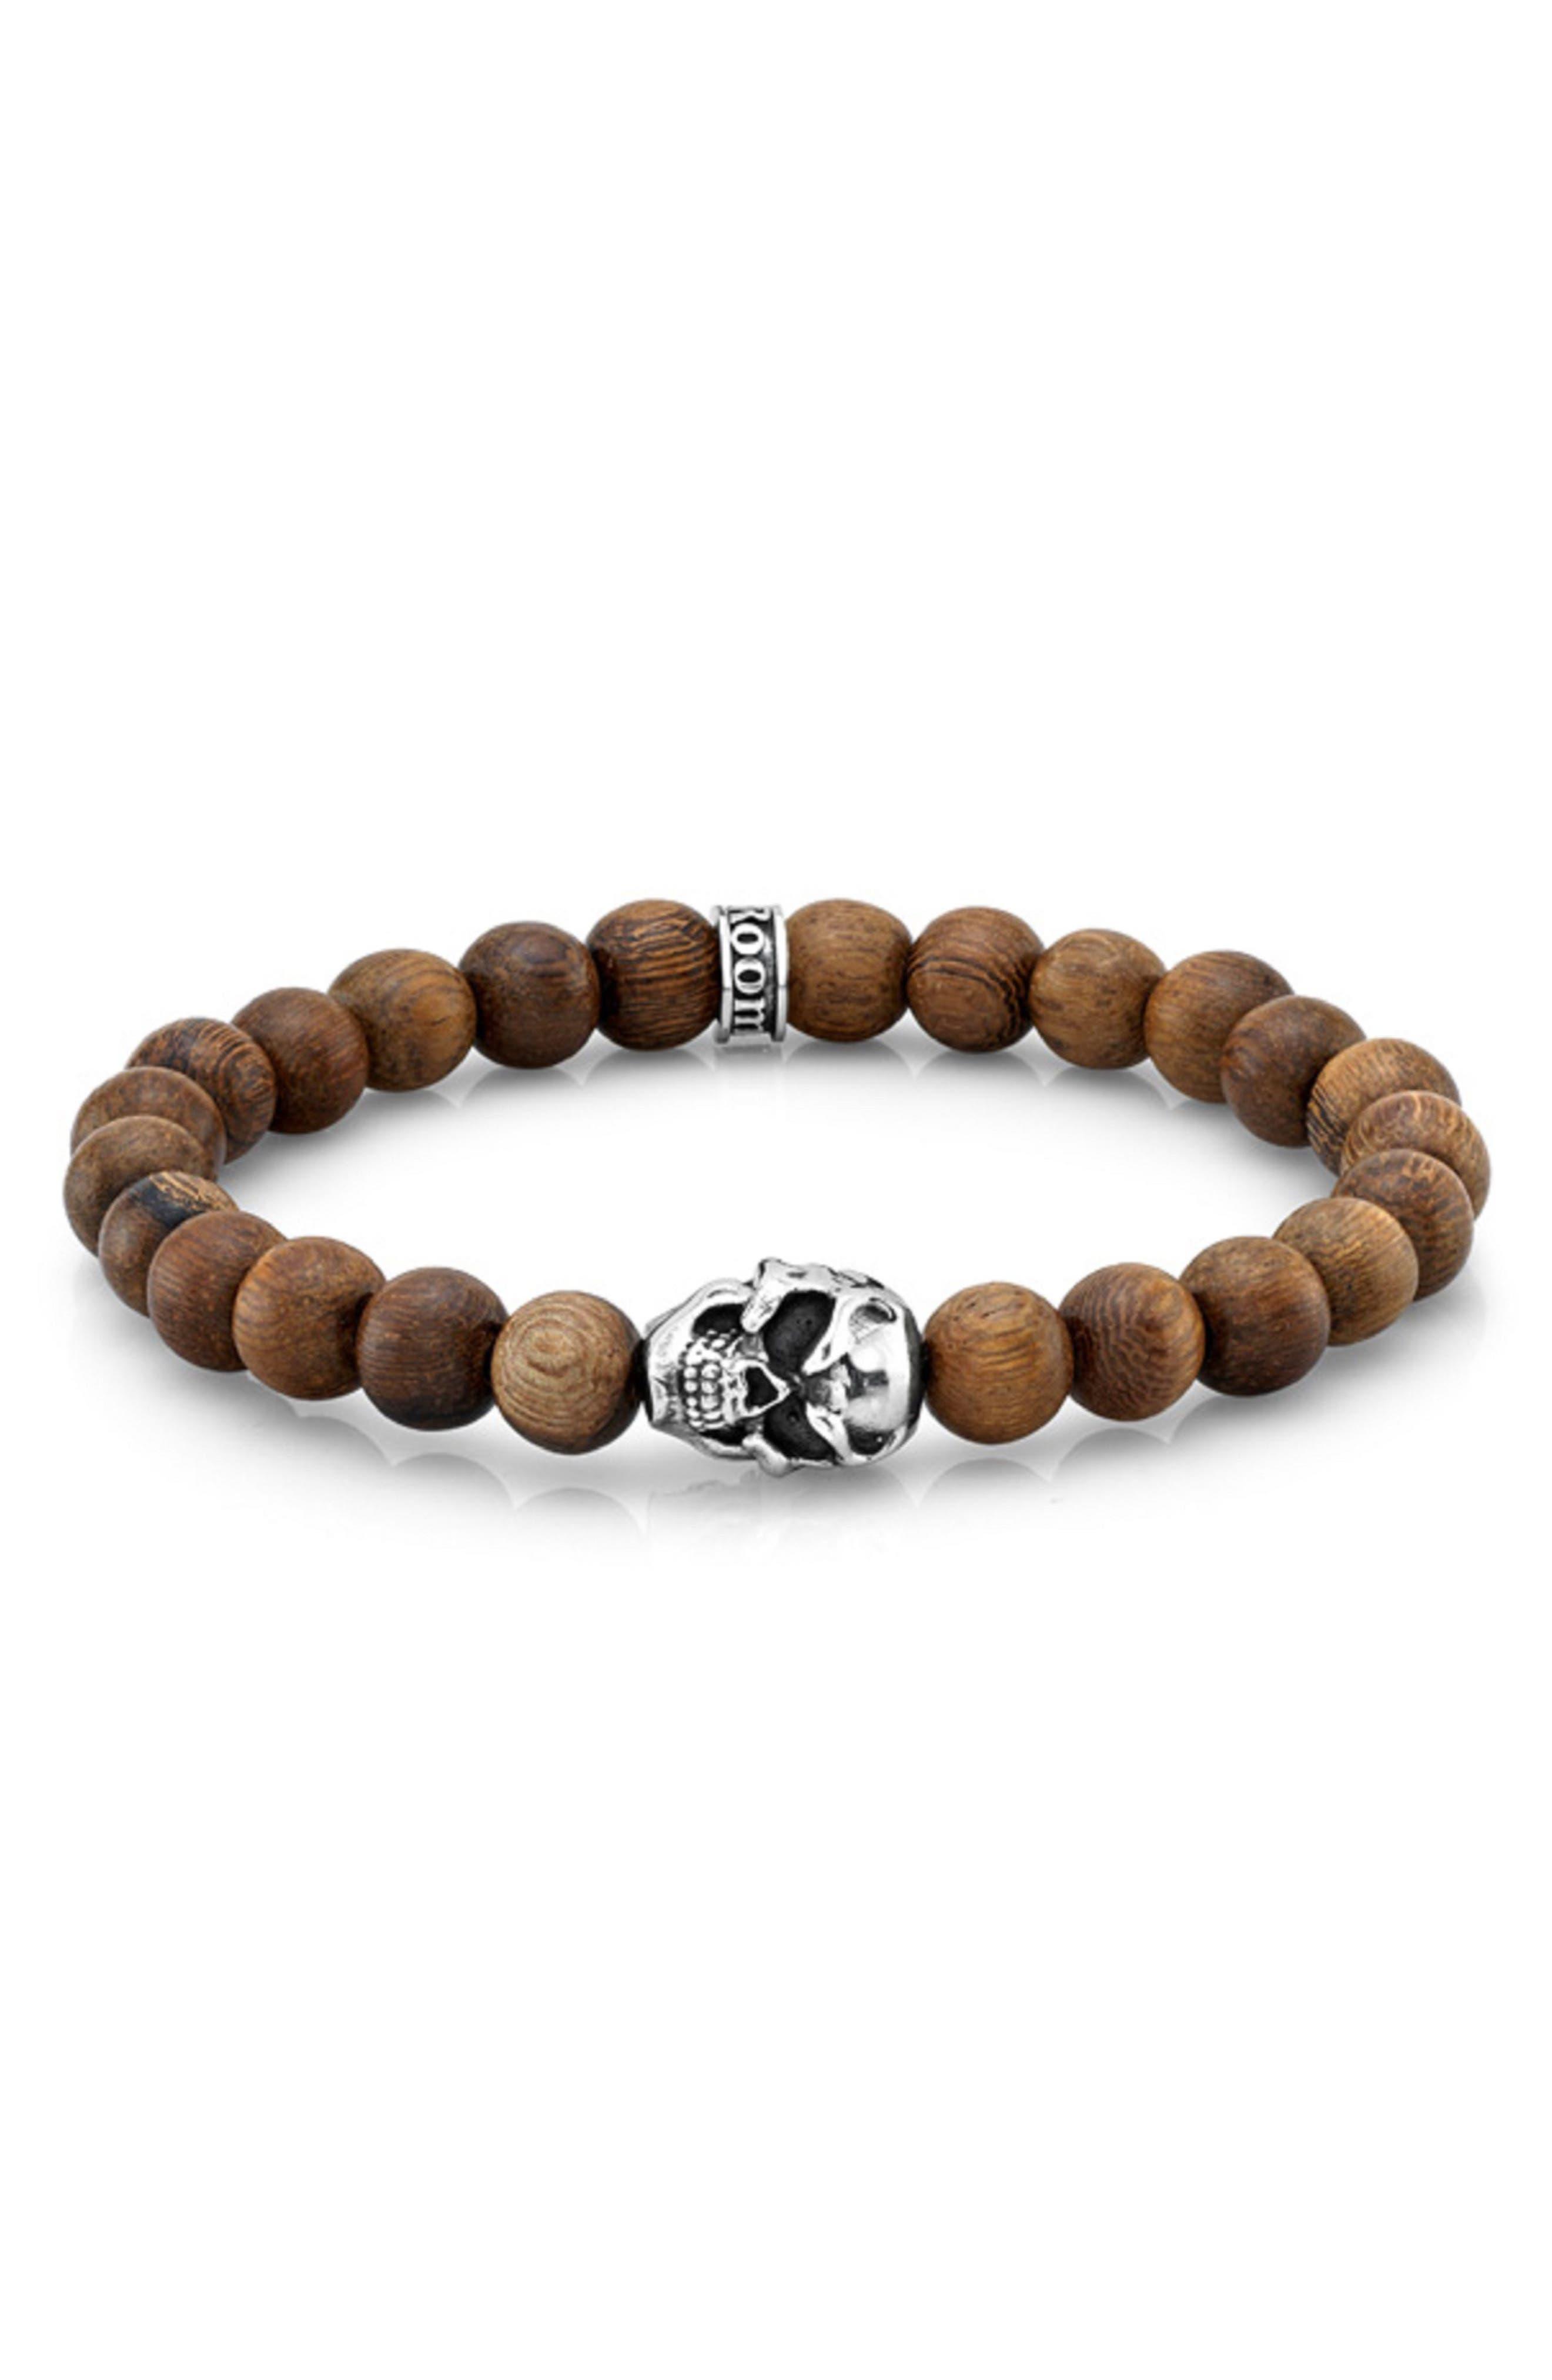 Main Image - Room101 Wood Bead Bracelet